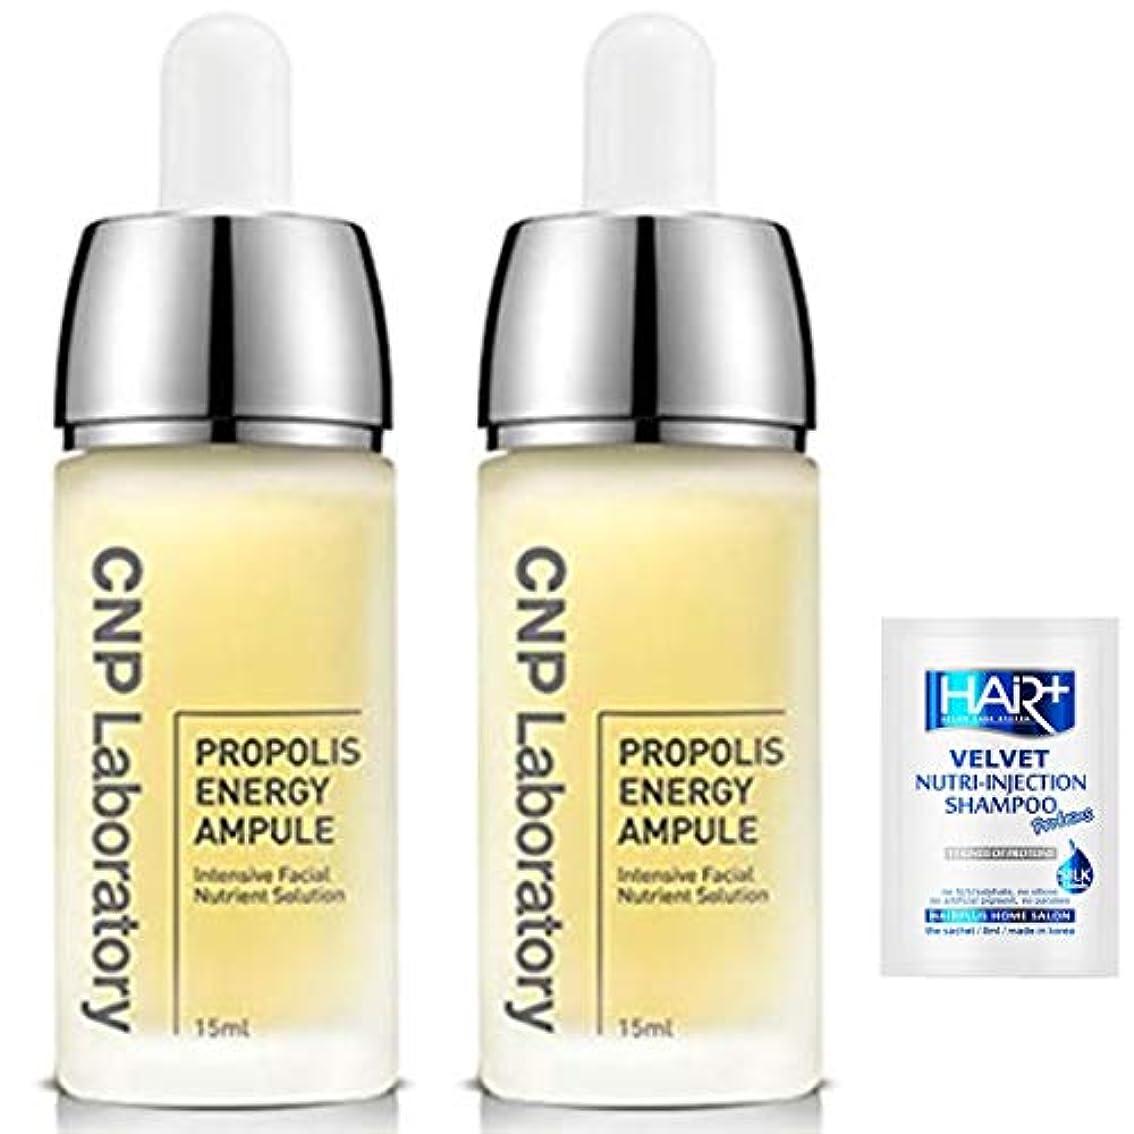 担当者マイクロプロセッサ啓発する【CNP Laboratory】プロポリス エネルギーアンプル 15ml X 2EA+HairPlus NonSilicon Shampoo 8ml